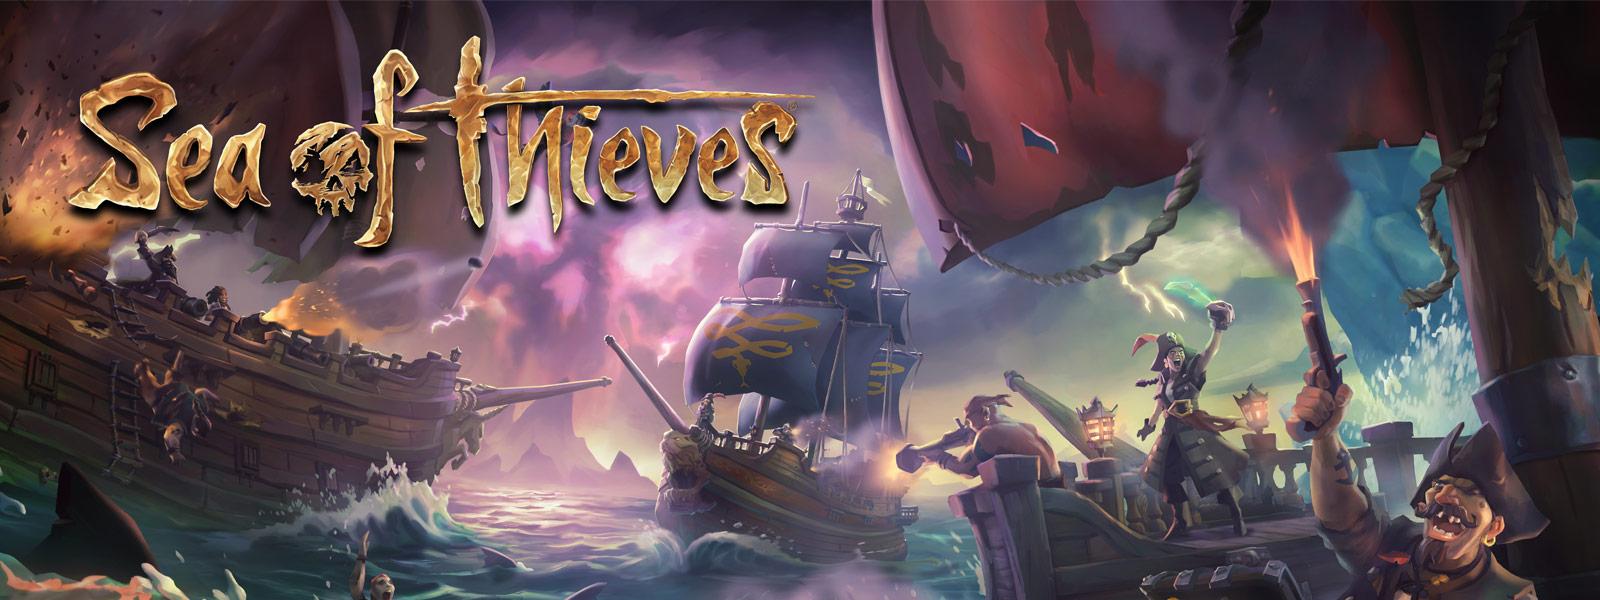 Sea of Thieves - 다른 함선을 향해 포를 발사하며 해상 전투를 벌이고 있는 배들의 모습